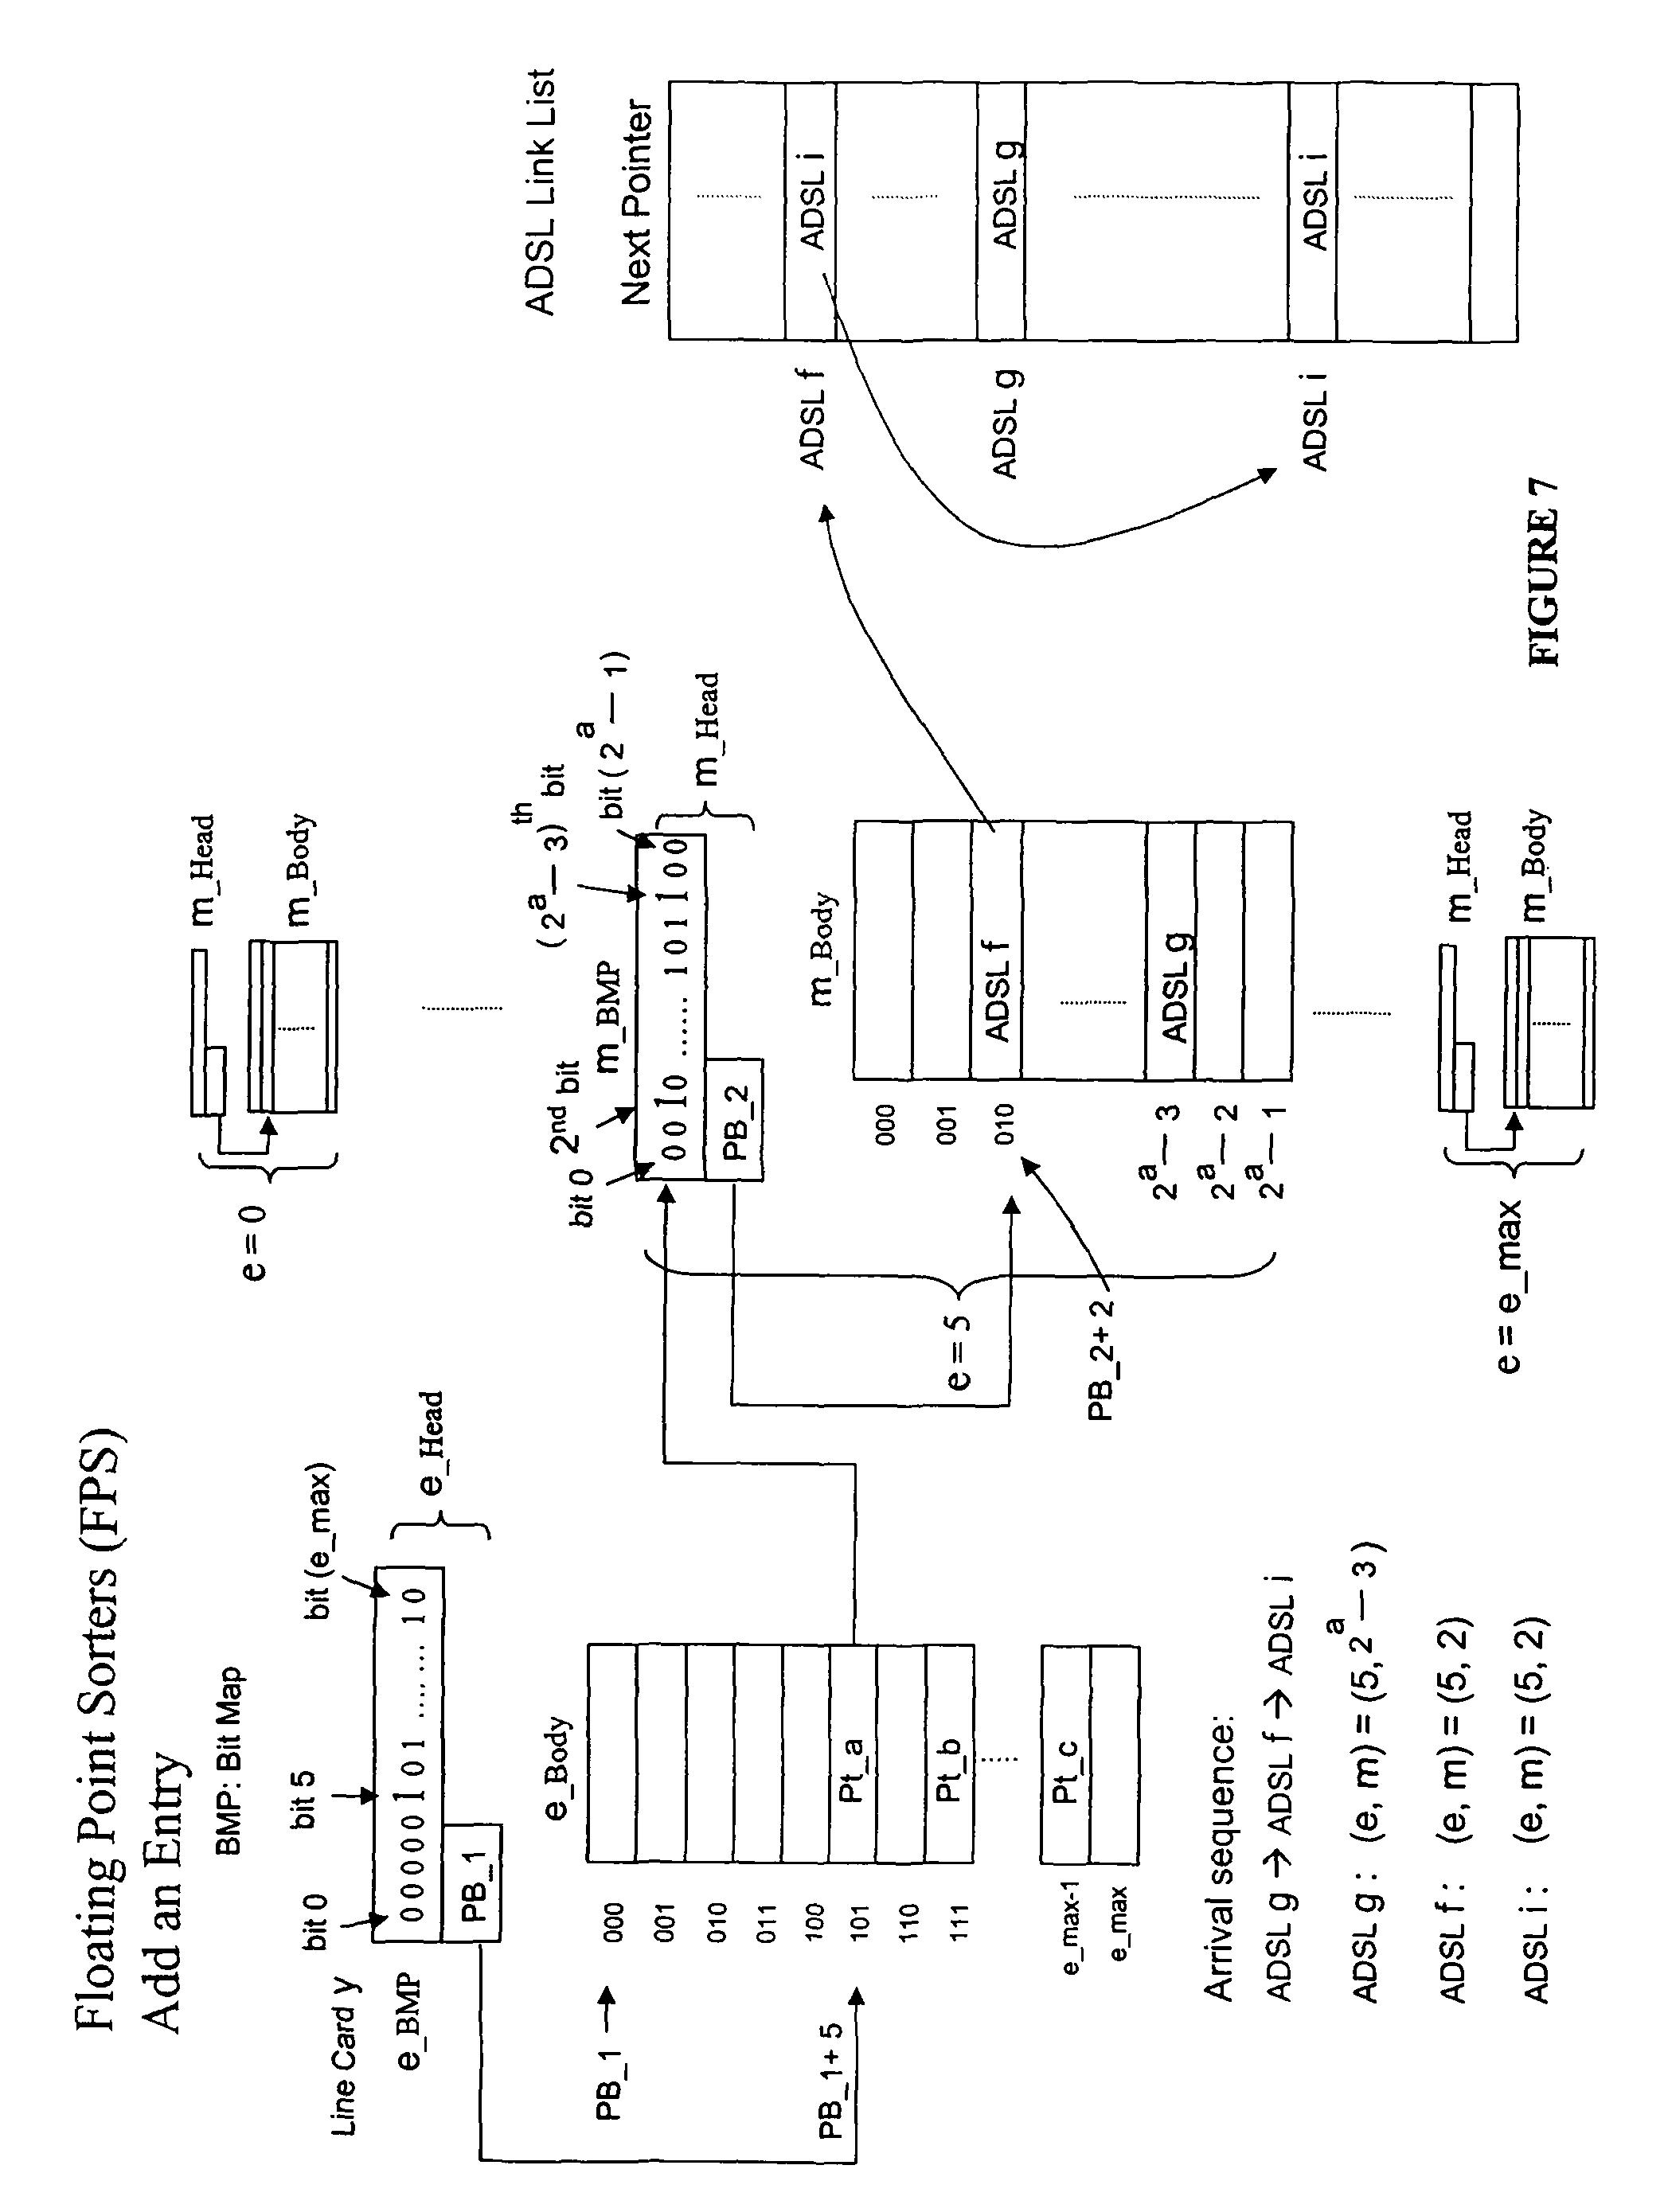 Patent US 7,362,765 B1 on sub pump diagram, subwoofer diagram, sub flooring diagram, power diagram, sub controller diagram, radio diagram, sub assembly diagram, sub control diagram, dual voice coil speaker diagram, amp diagram,